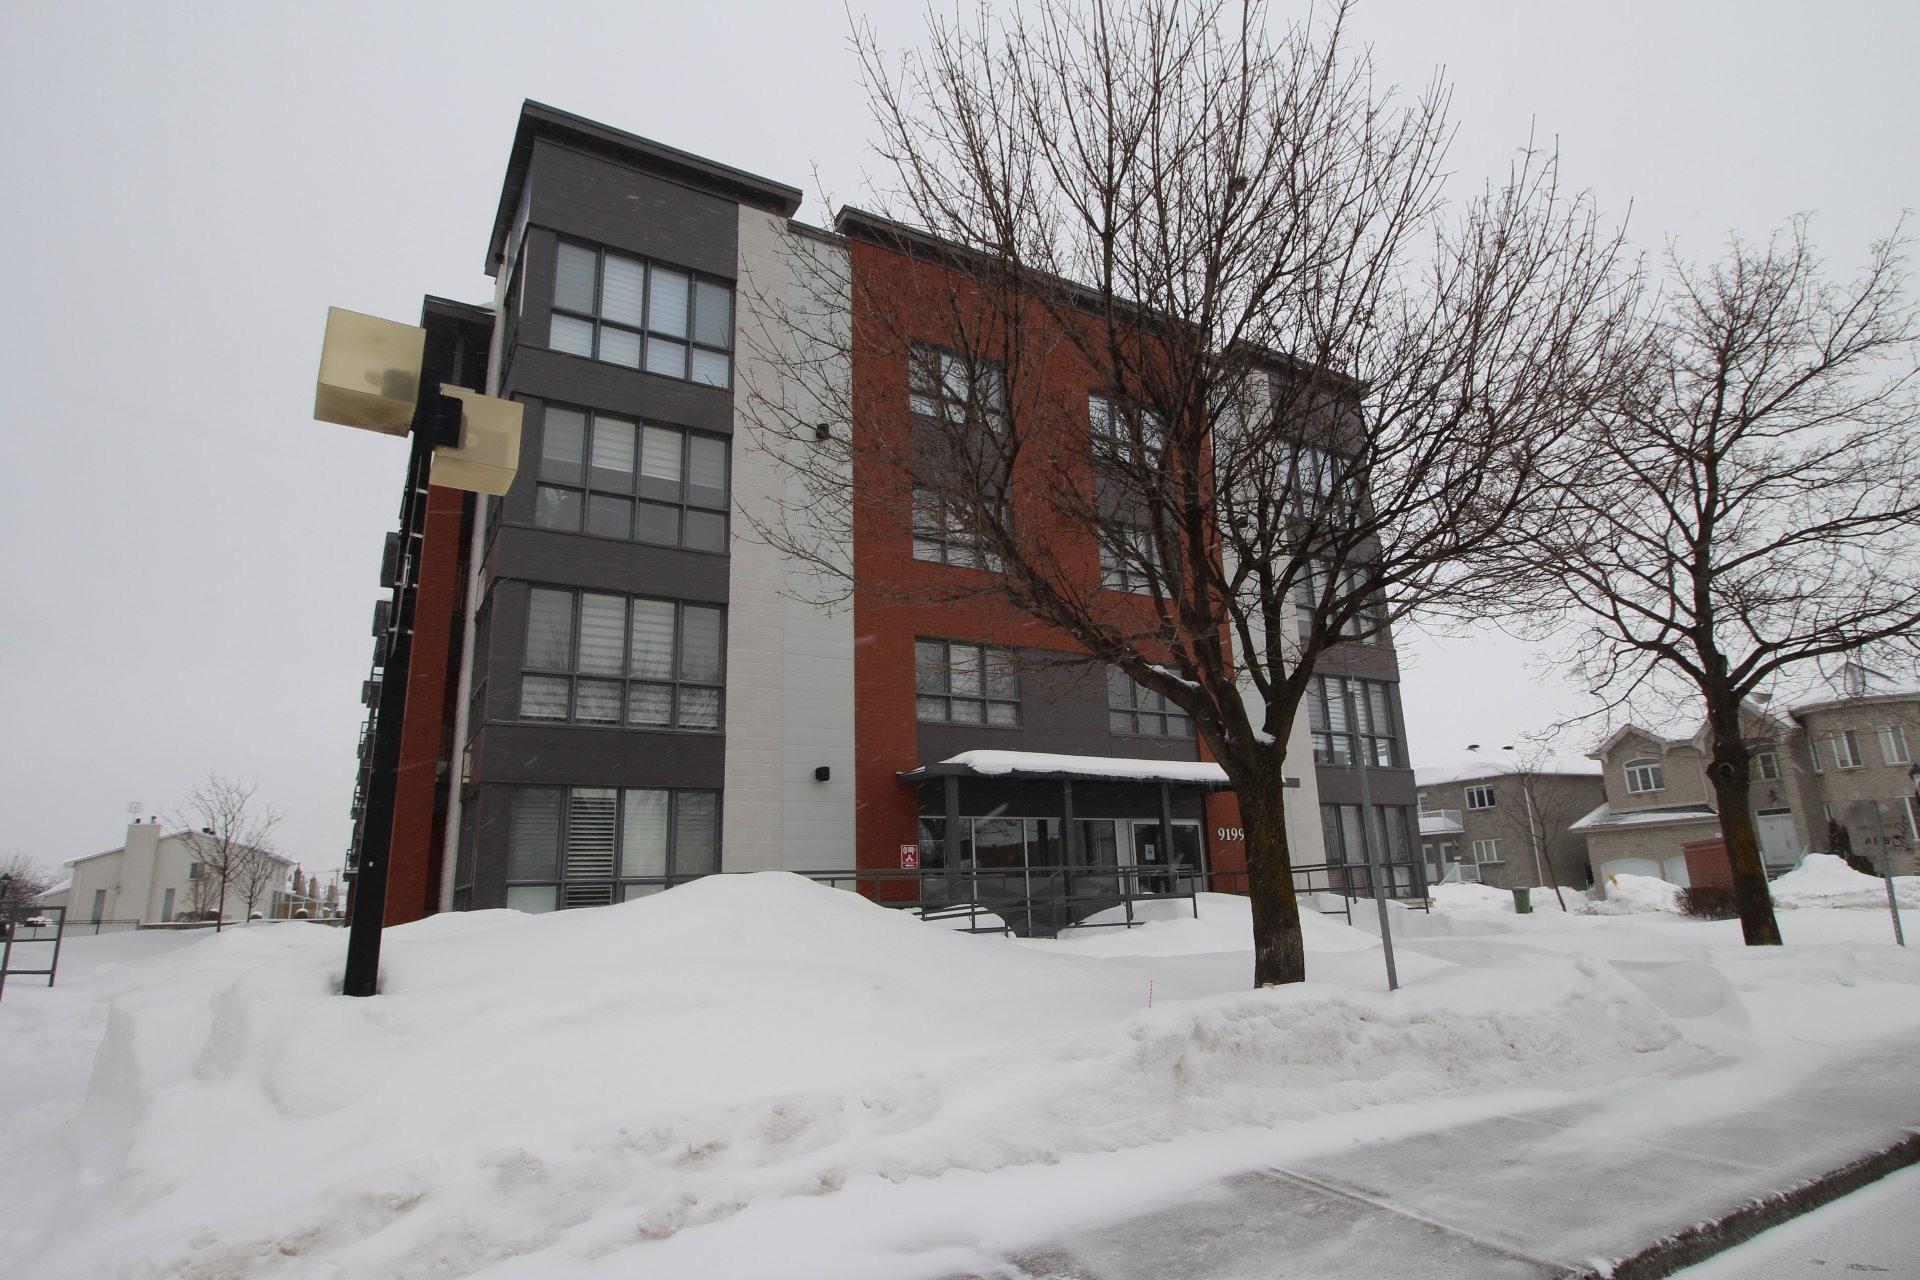 image 27 - Apartment For rent Rivière-des-Prairies/Pointe-aux-Trembles Montréal  - 6 rooms